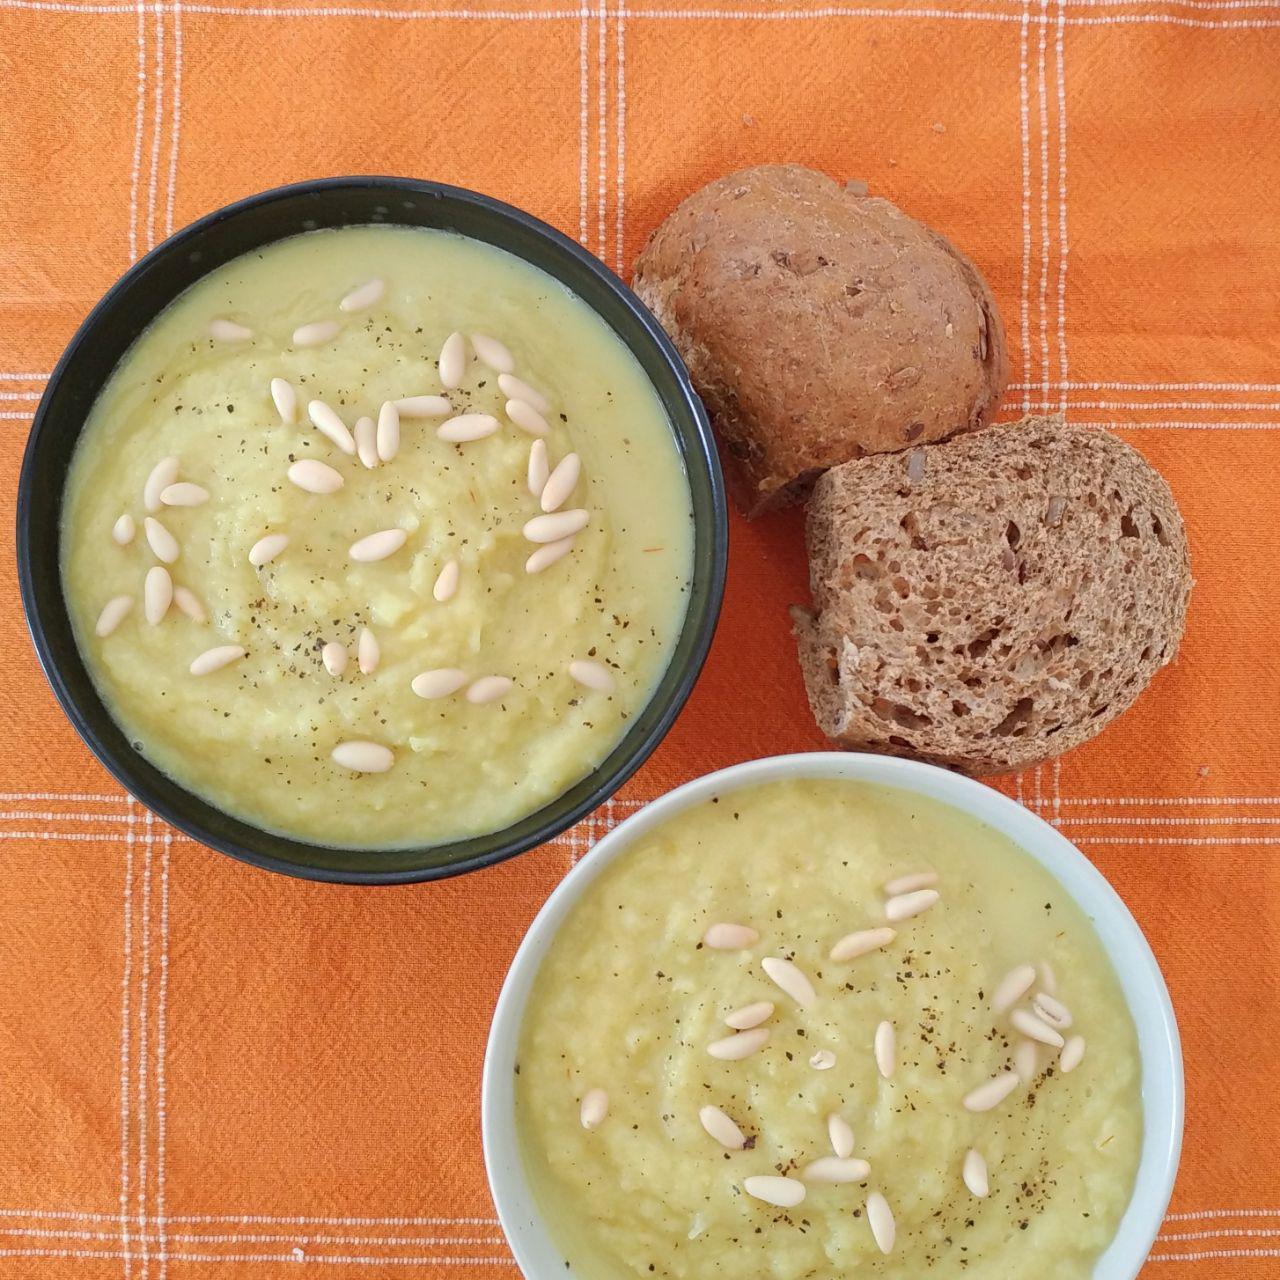 zuppa di finocchi cotti al vapore con farro, pinoli, pane nero integrale